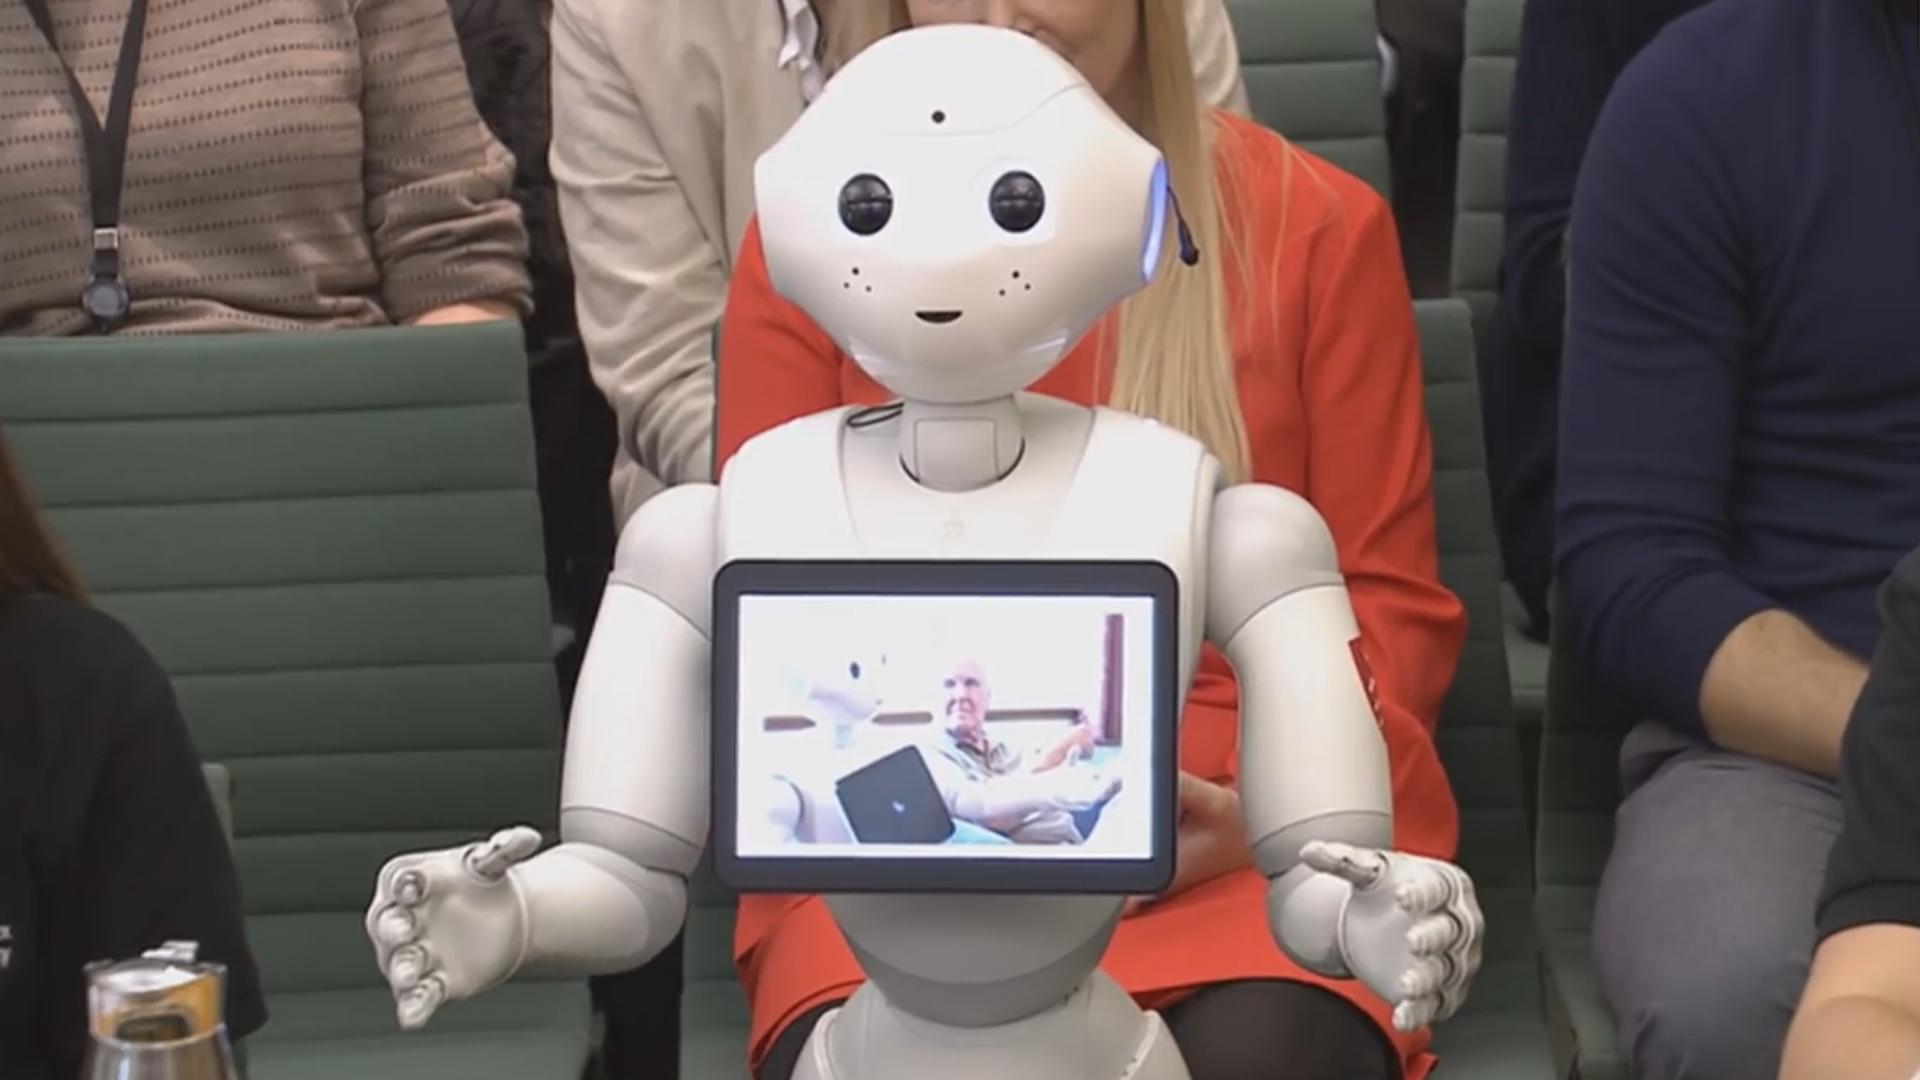 Robot tarixdə ilk dəfə parlamentdə çıxış edib